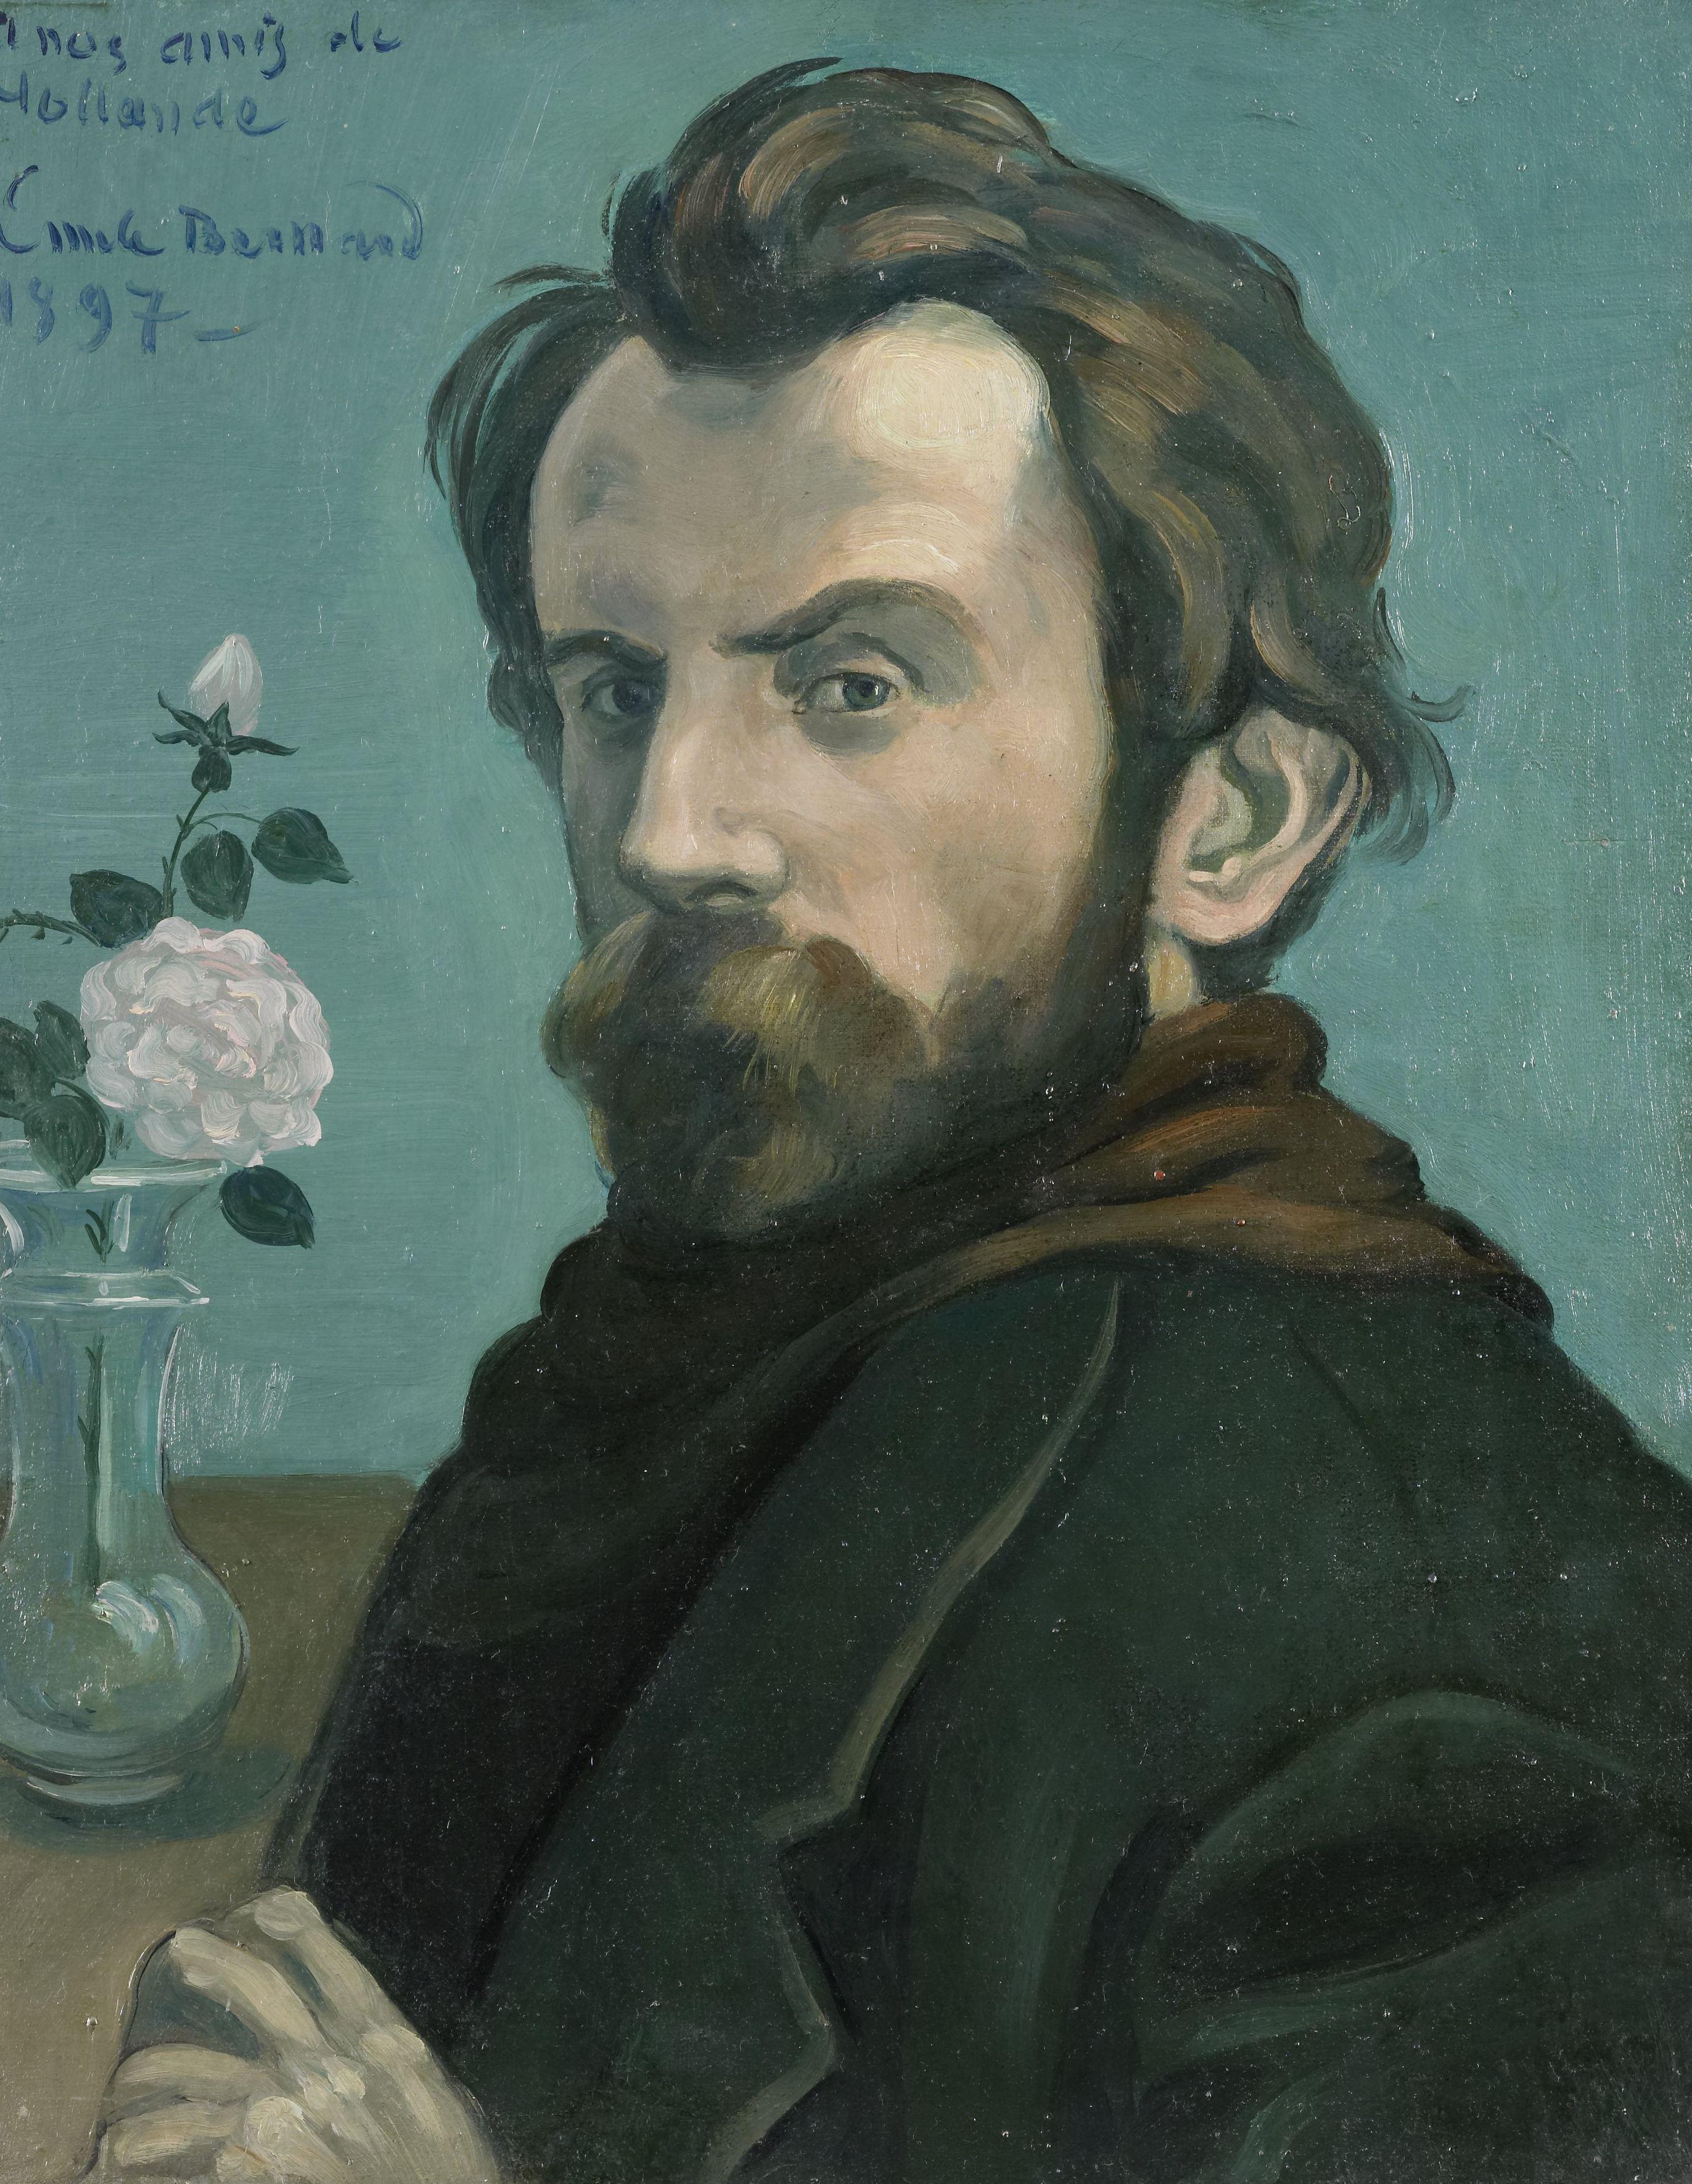 zelfportret van gogh rijksmuseum